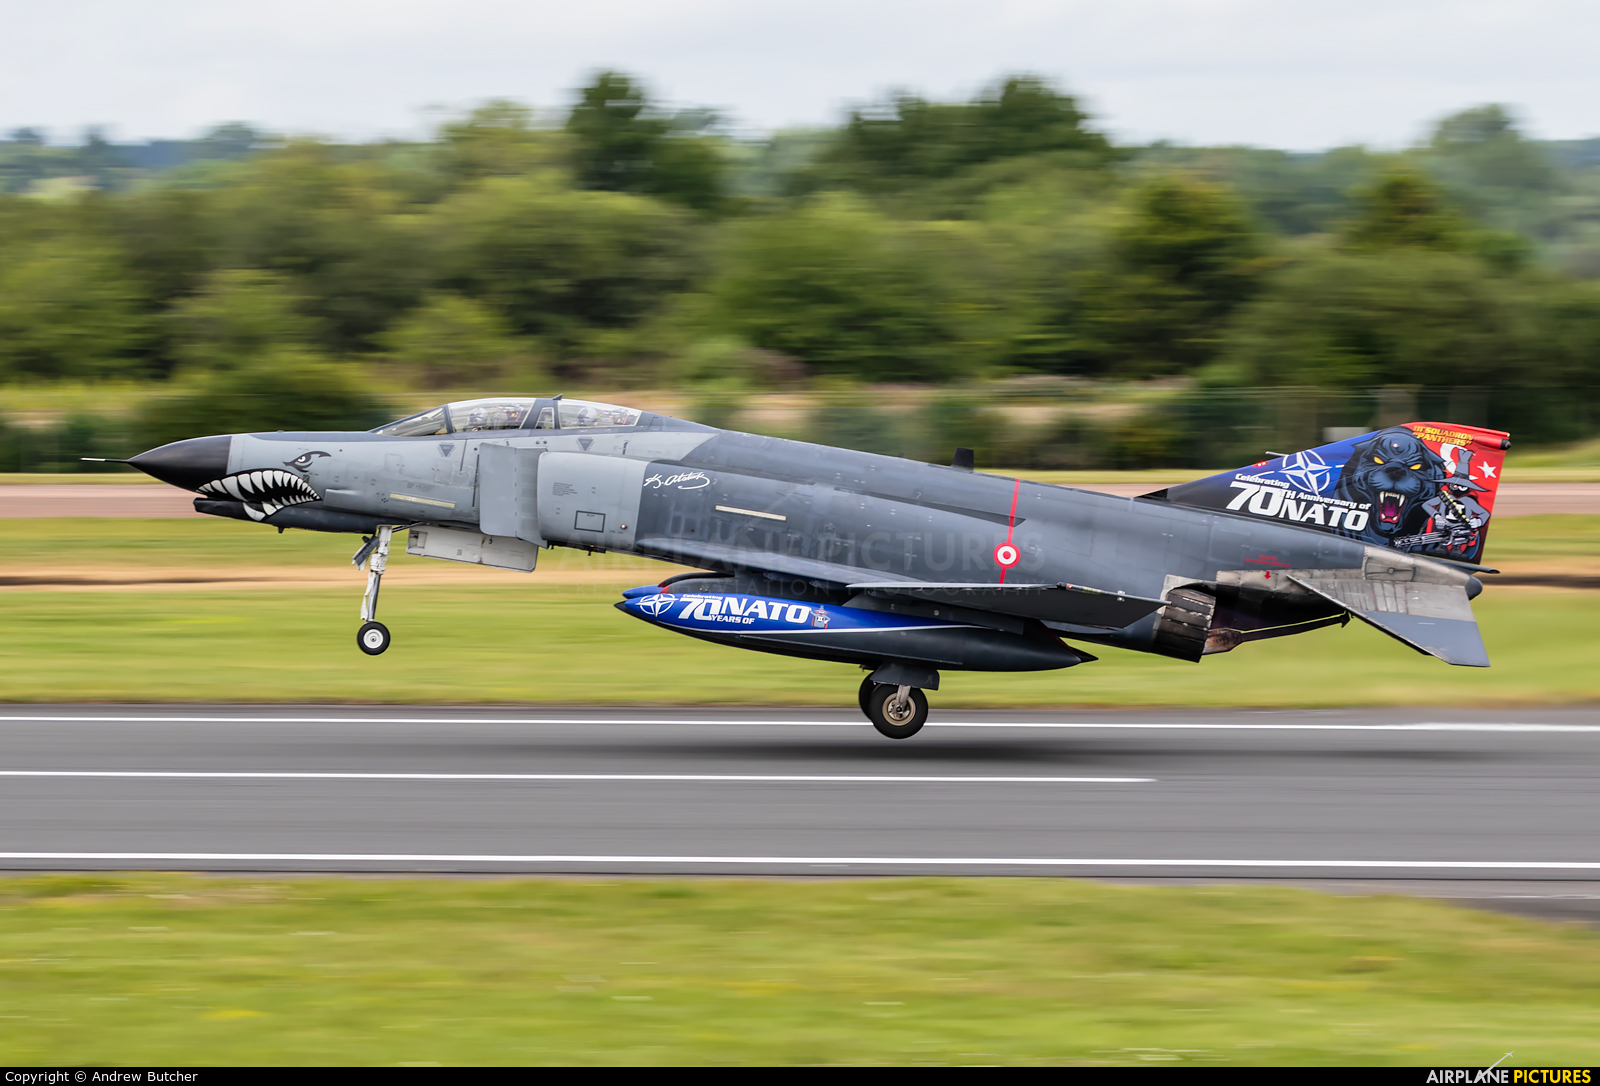 Turkey - Air Force 77-0288 aircraft at Fairford